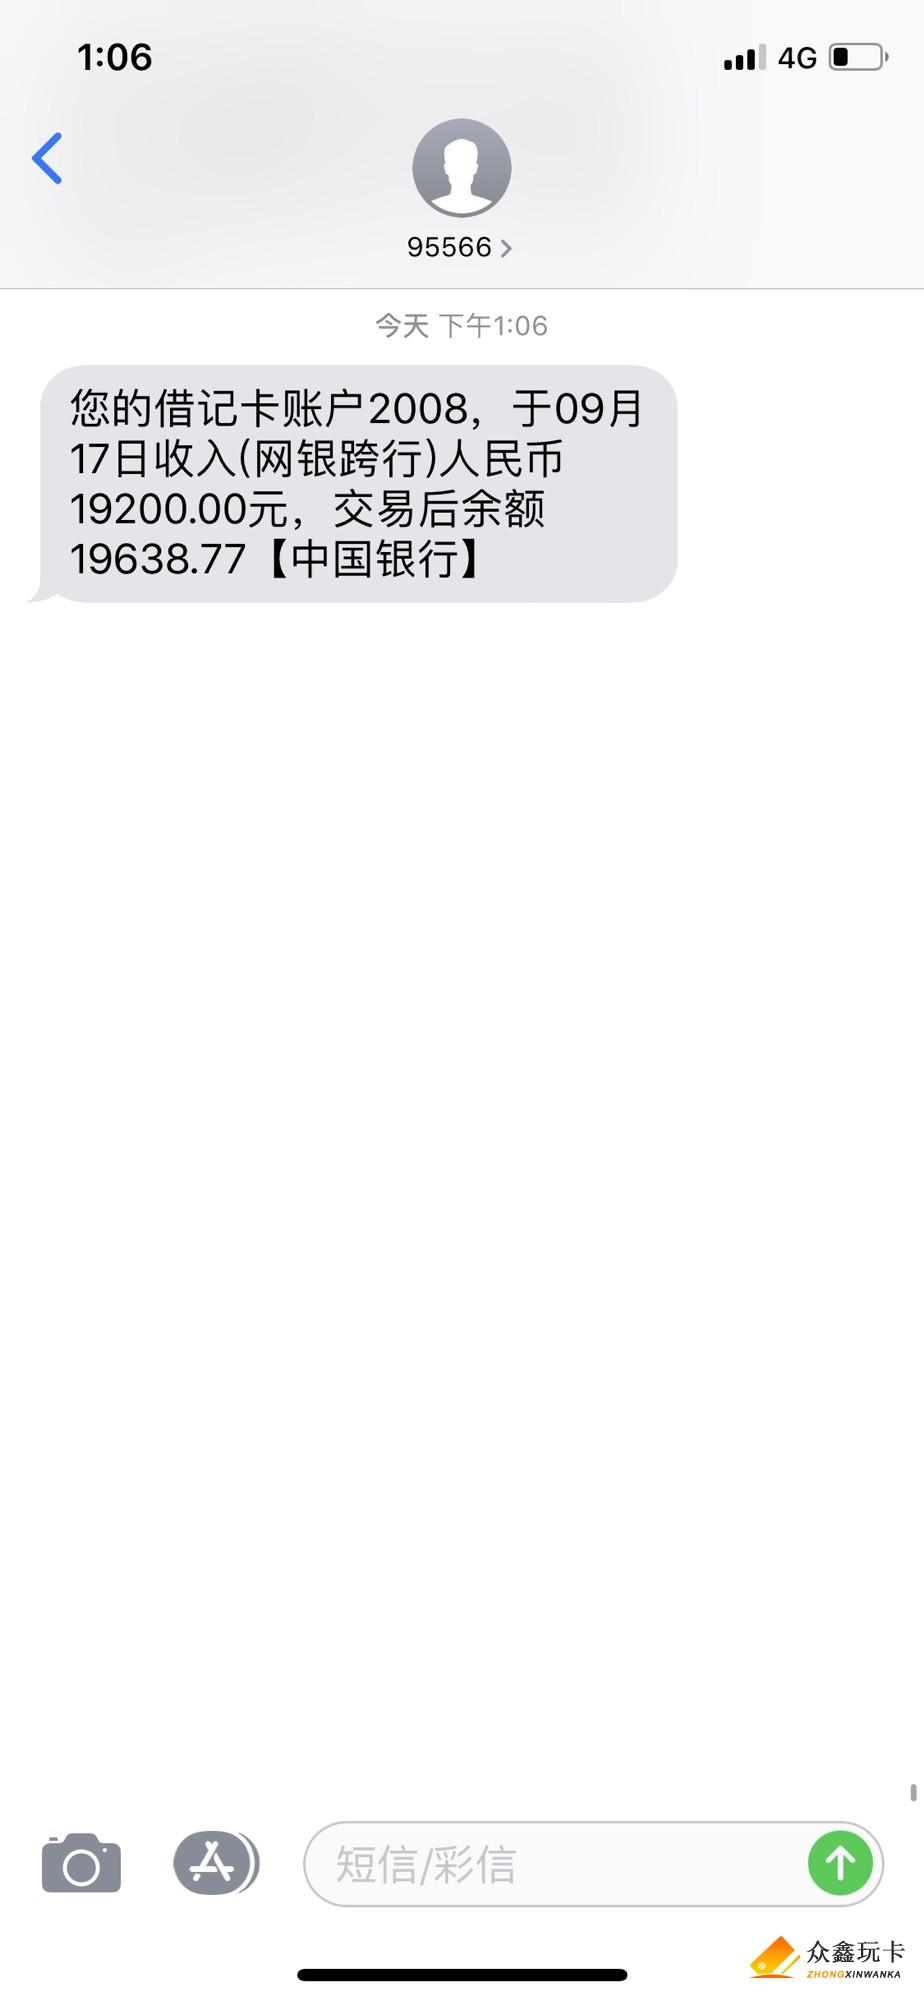 131127geer00xns30rrznx.jpg